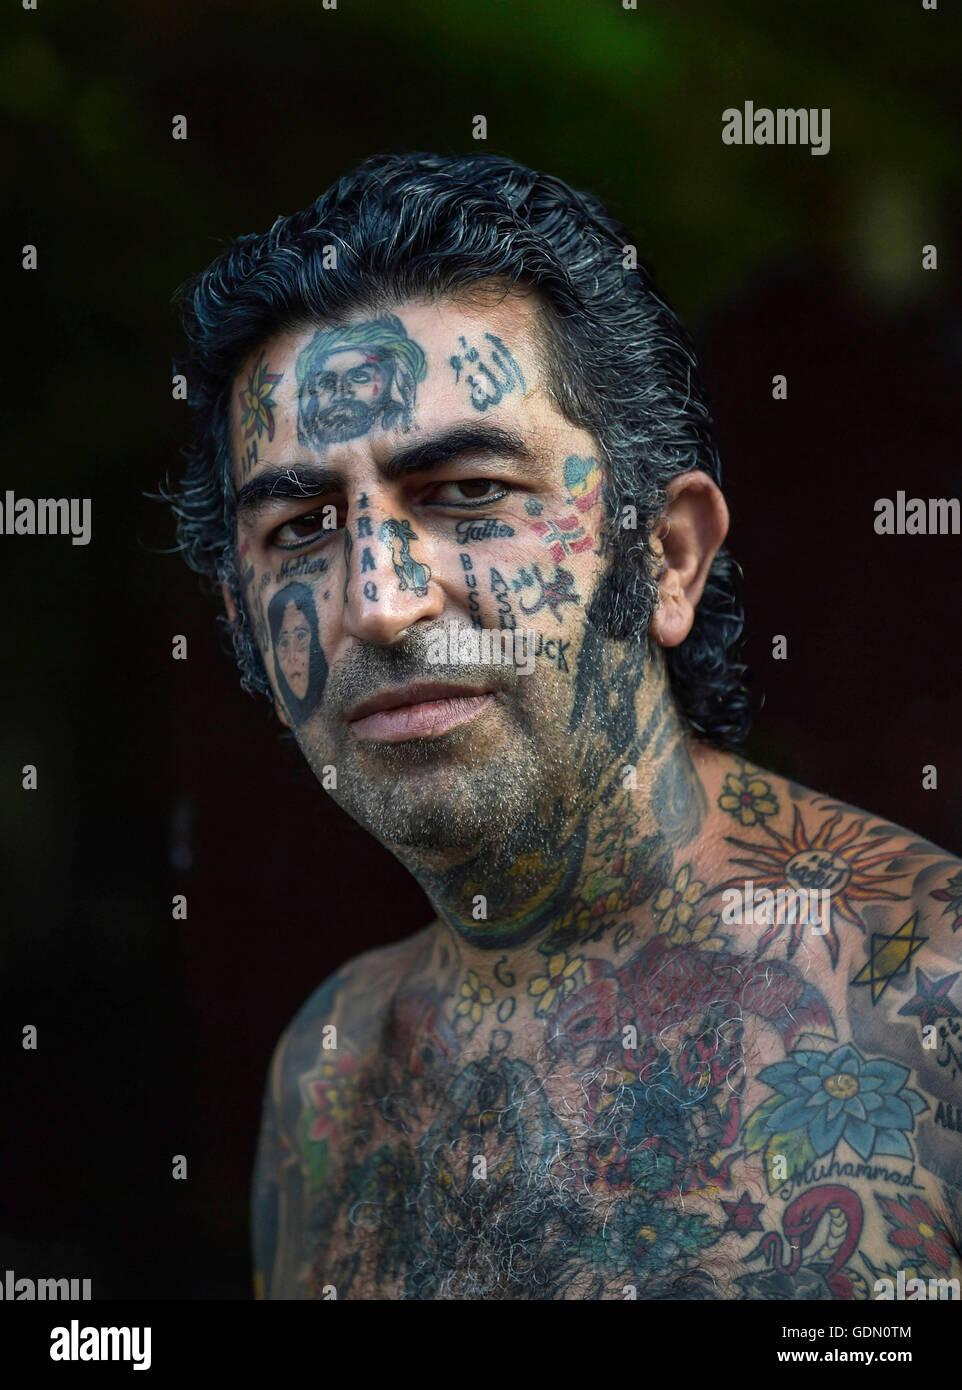 Tatuajes En Todo El Cuerpo